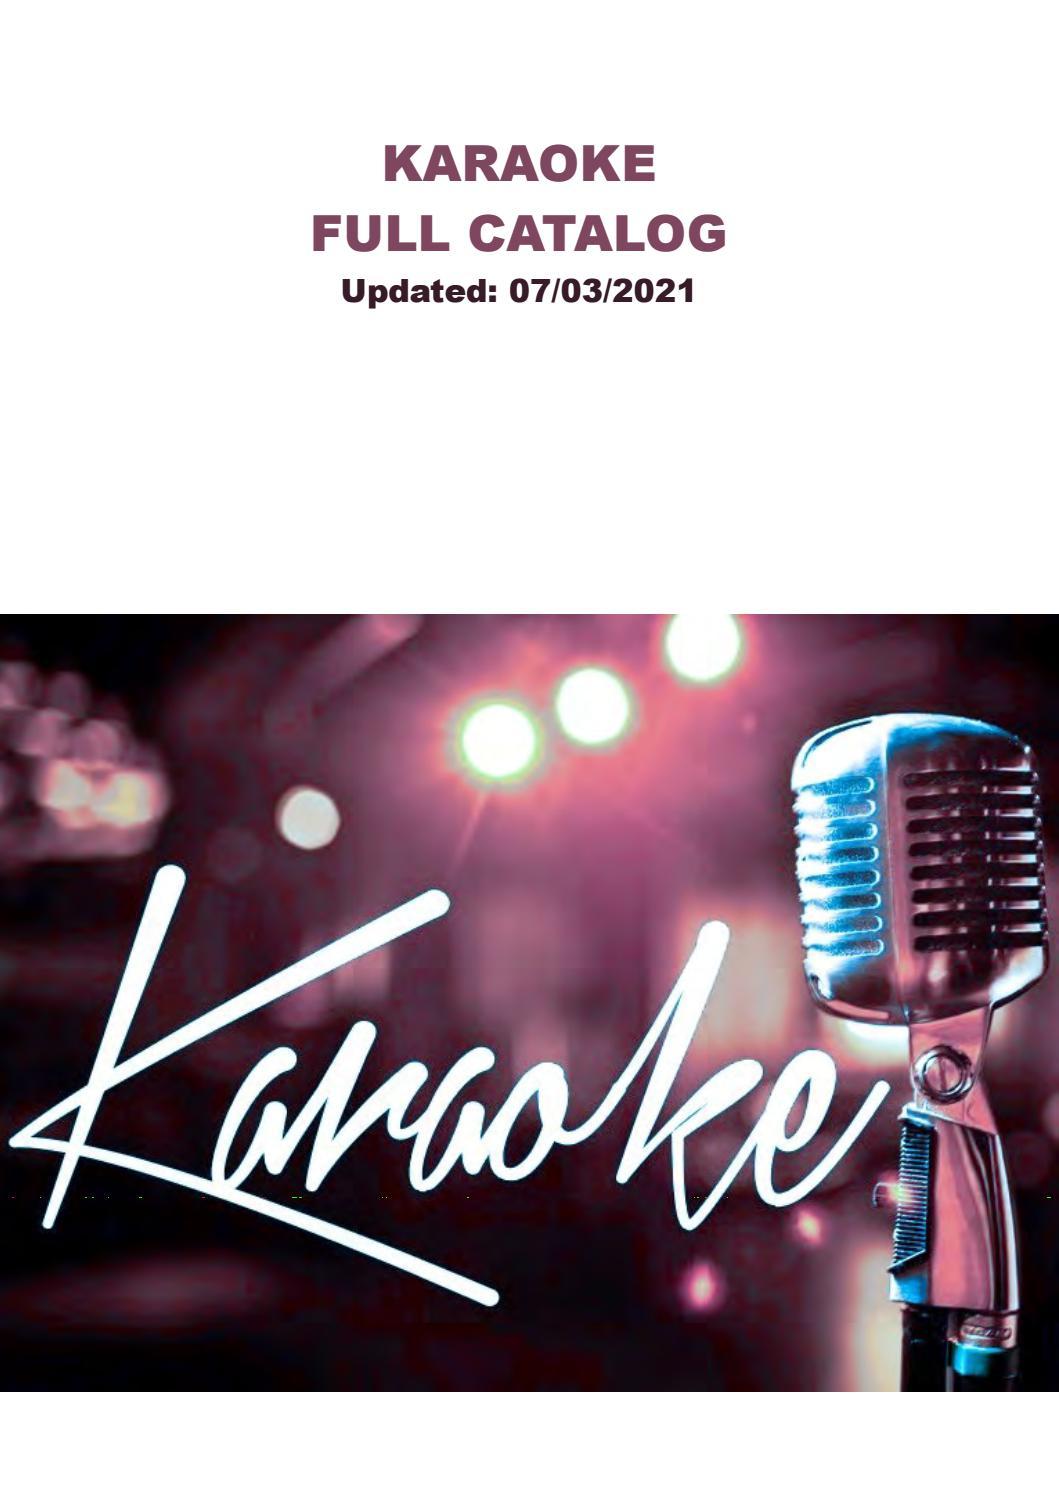 VCI Karaoke Catalog by passiontoys   issuu